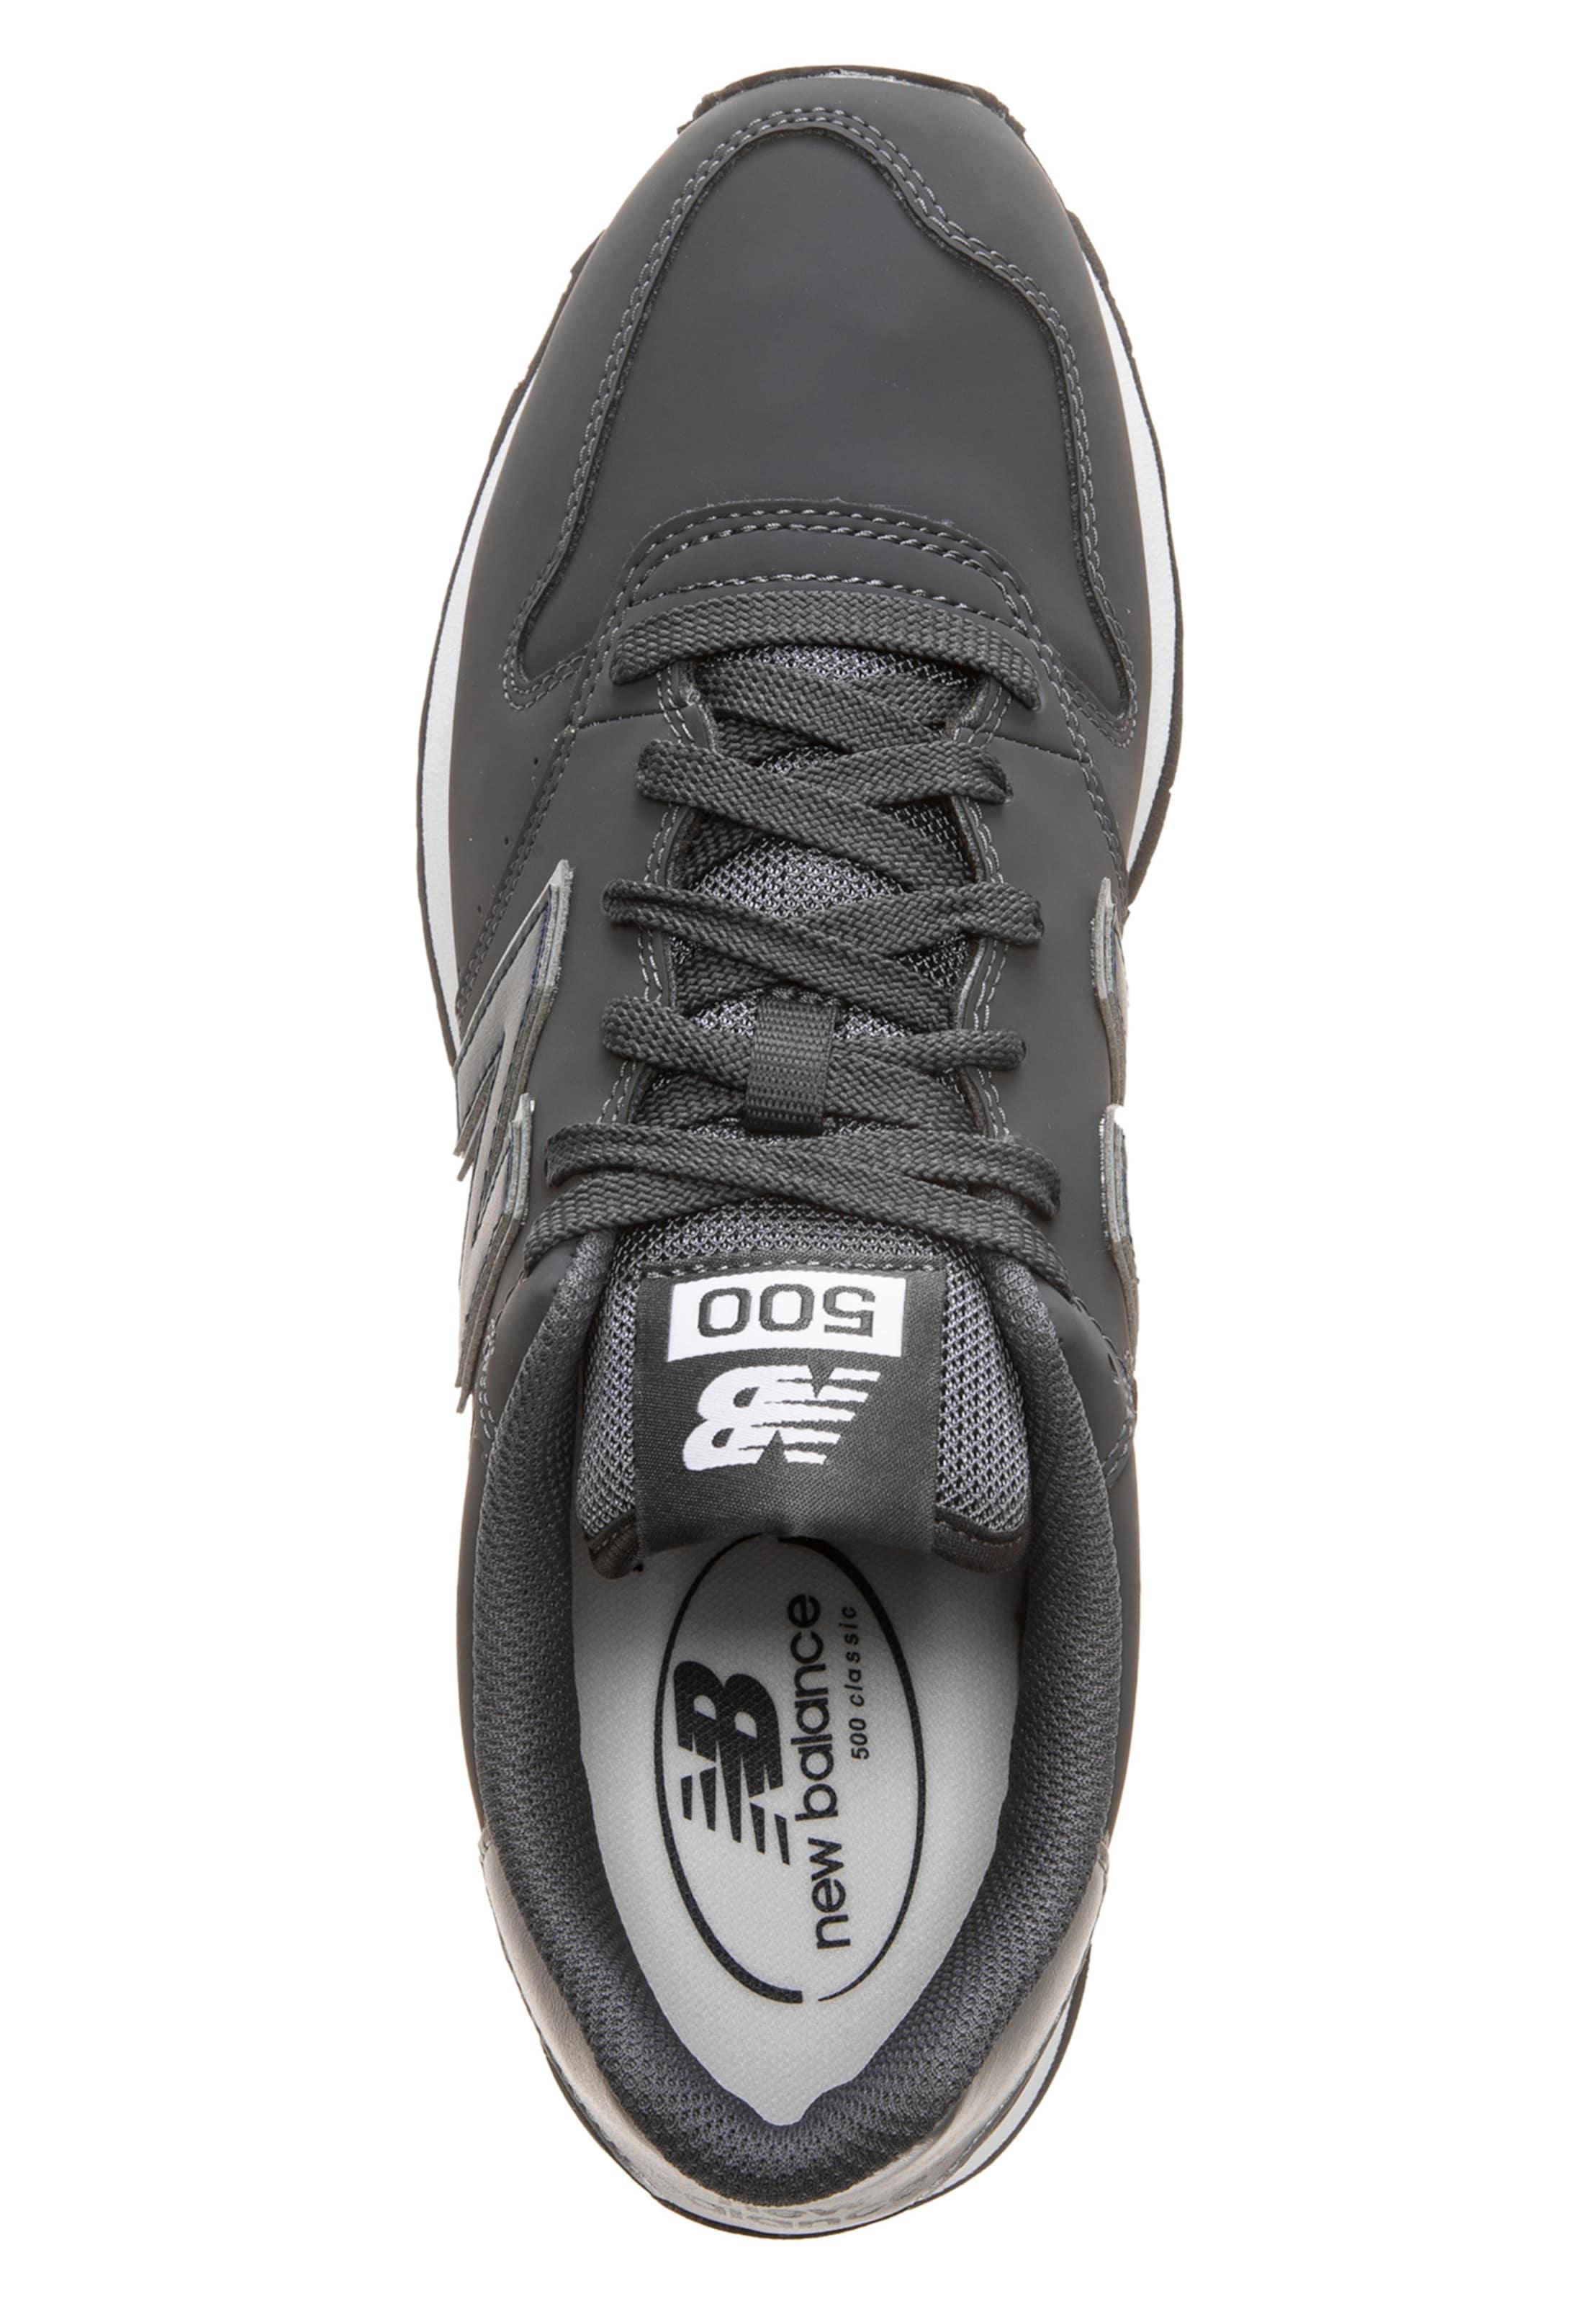 New NavyGrau mnn Basaltgrau Sneaker Balance d' In 'gm500 Fl1cK3JT